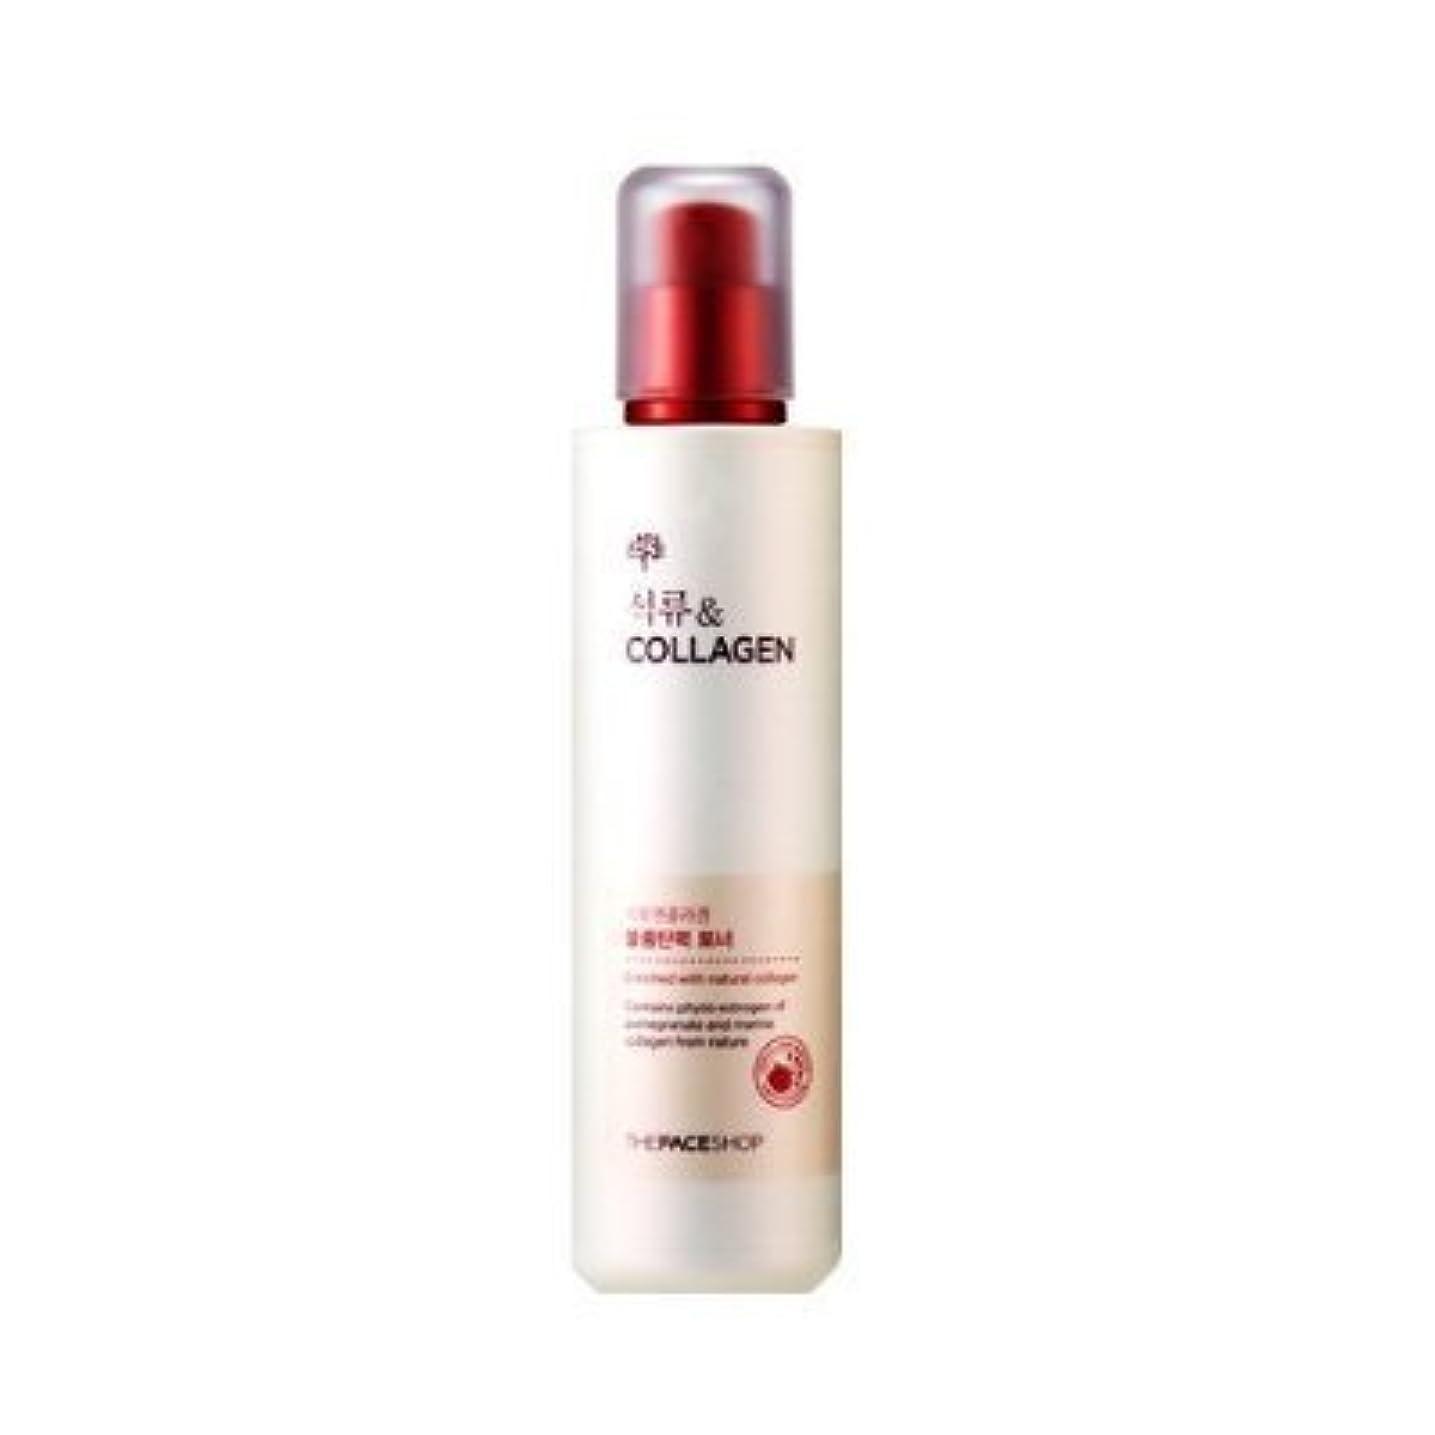 暴露するスリットハードThe face Shop Pomegranate and Collagen Volume Lifting Toner 160ml